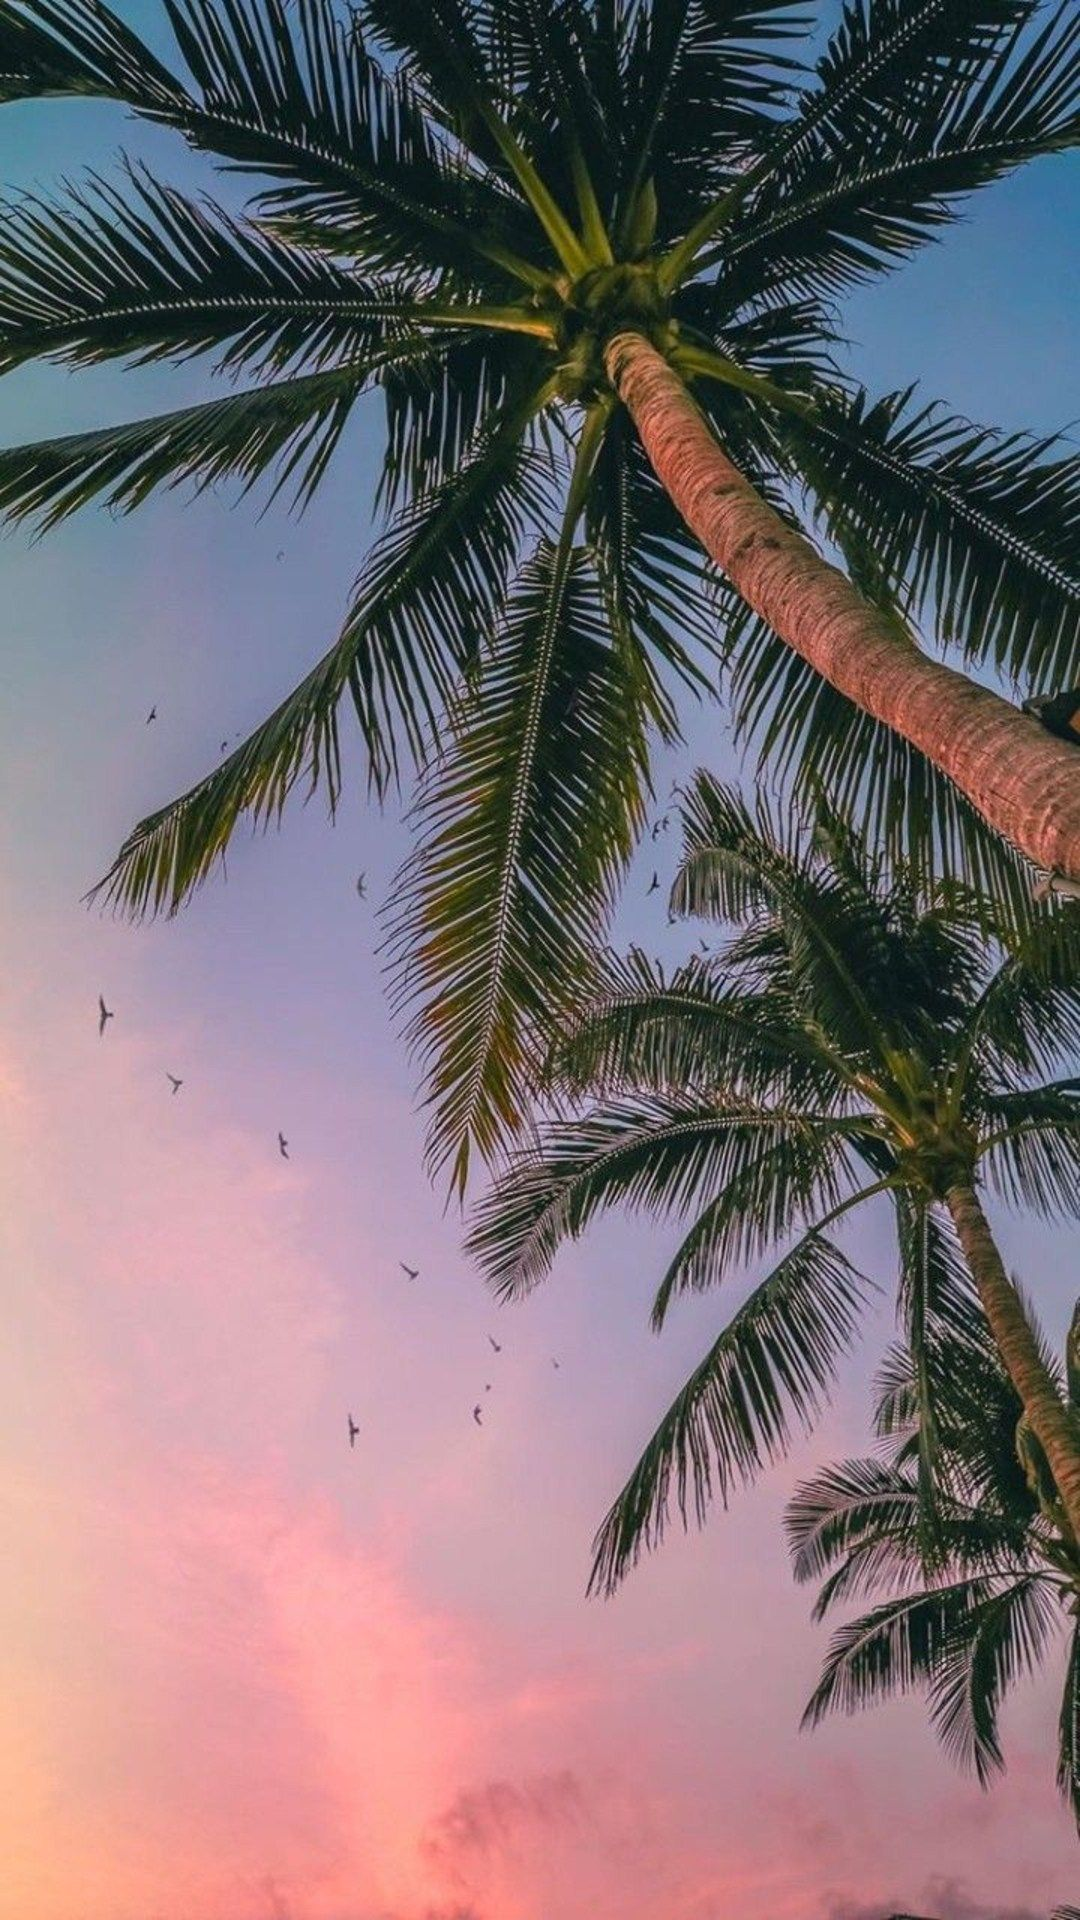 Tree Sky Palm Tree Elaeis Arecales Coconut Palm Trees Wallpaper Pretty Wallpapers Tree Wallpaper